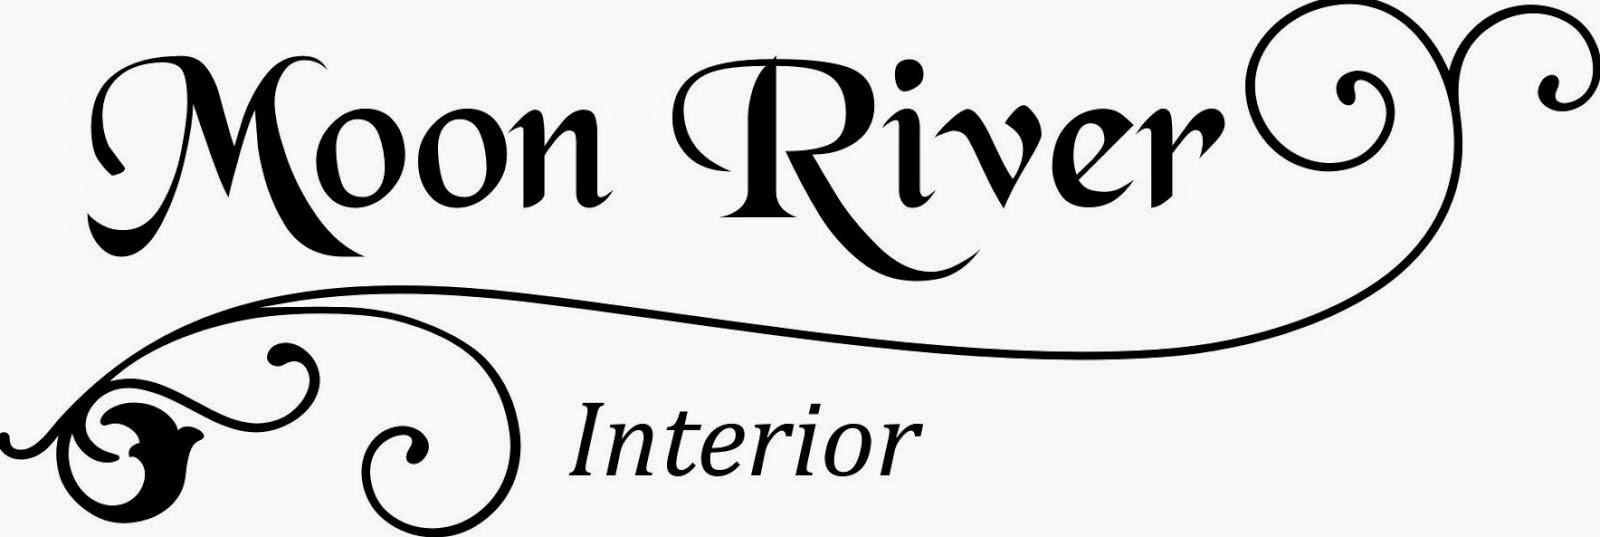 Yhteistyössä: Moon River Interior